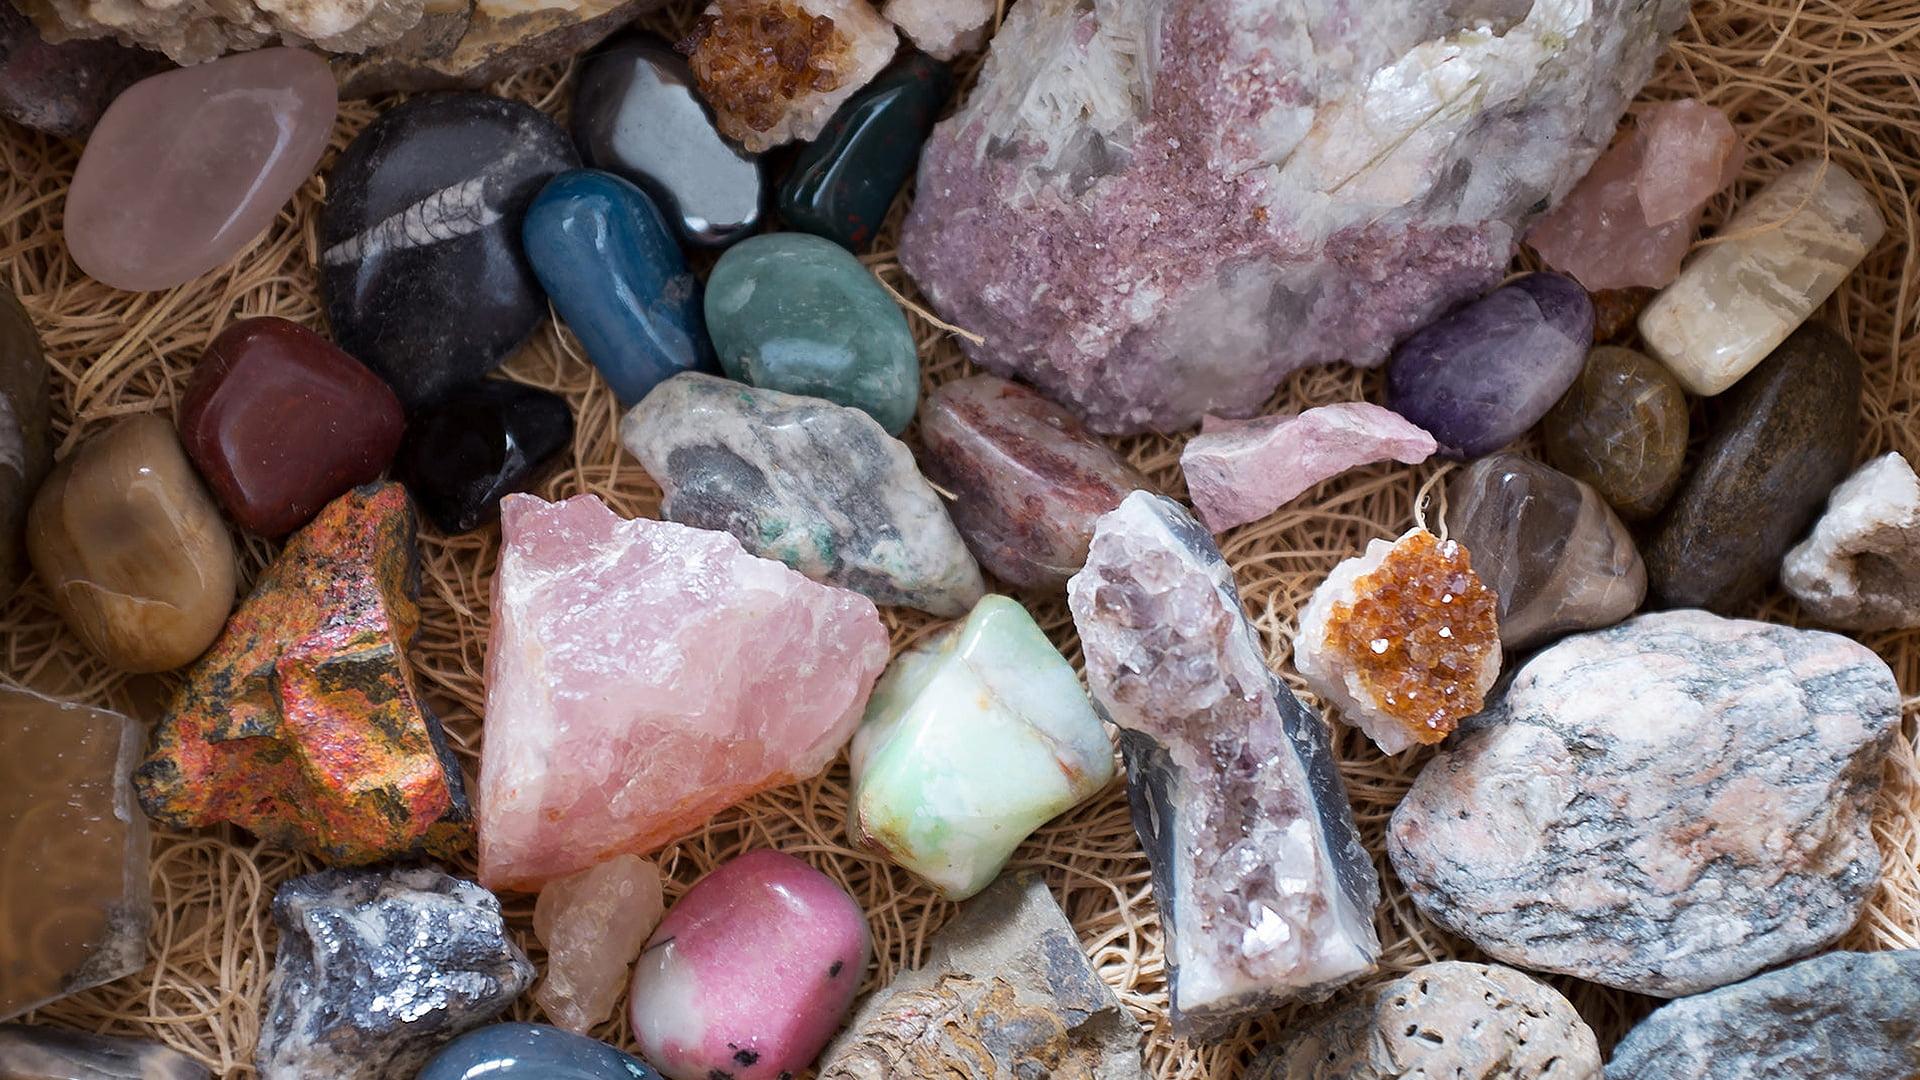 как найти названия камня если есть фотография маркиза предоставляет большие